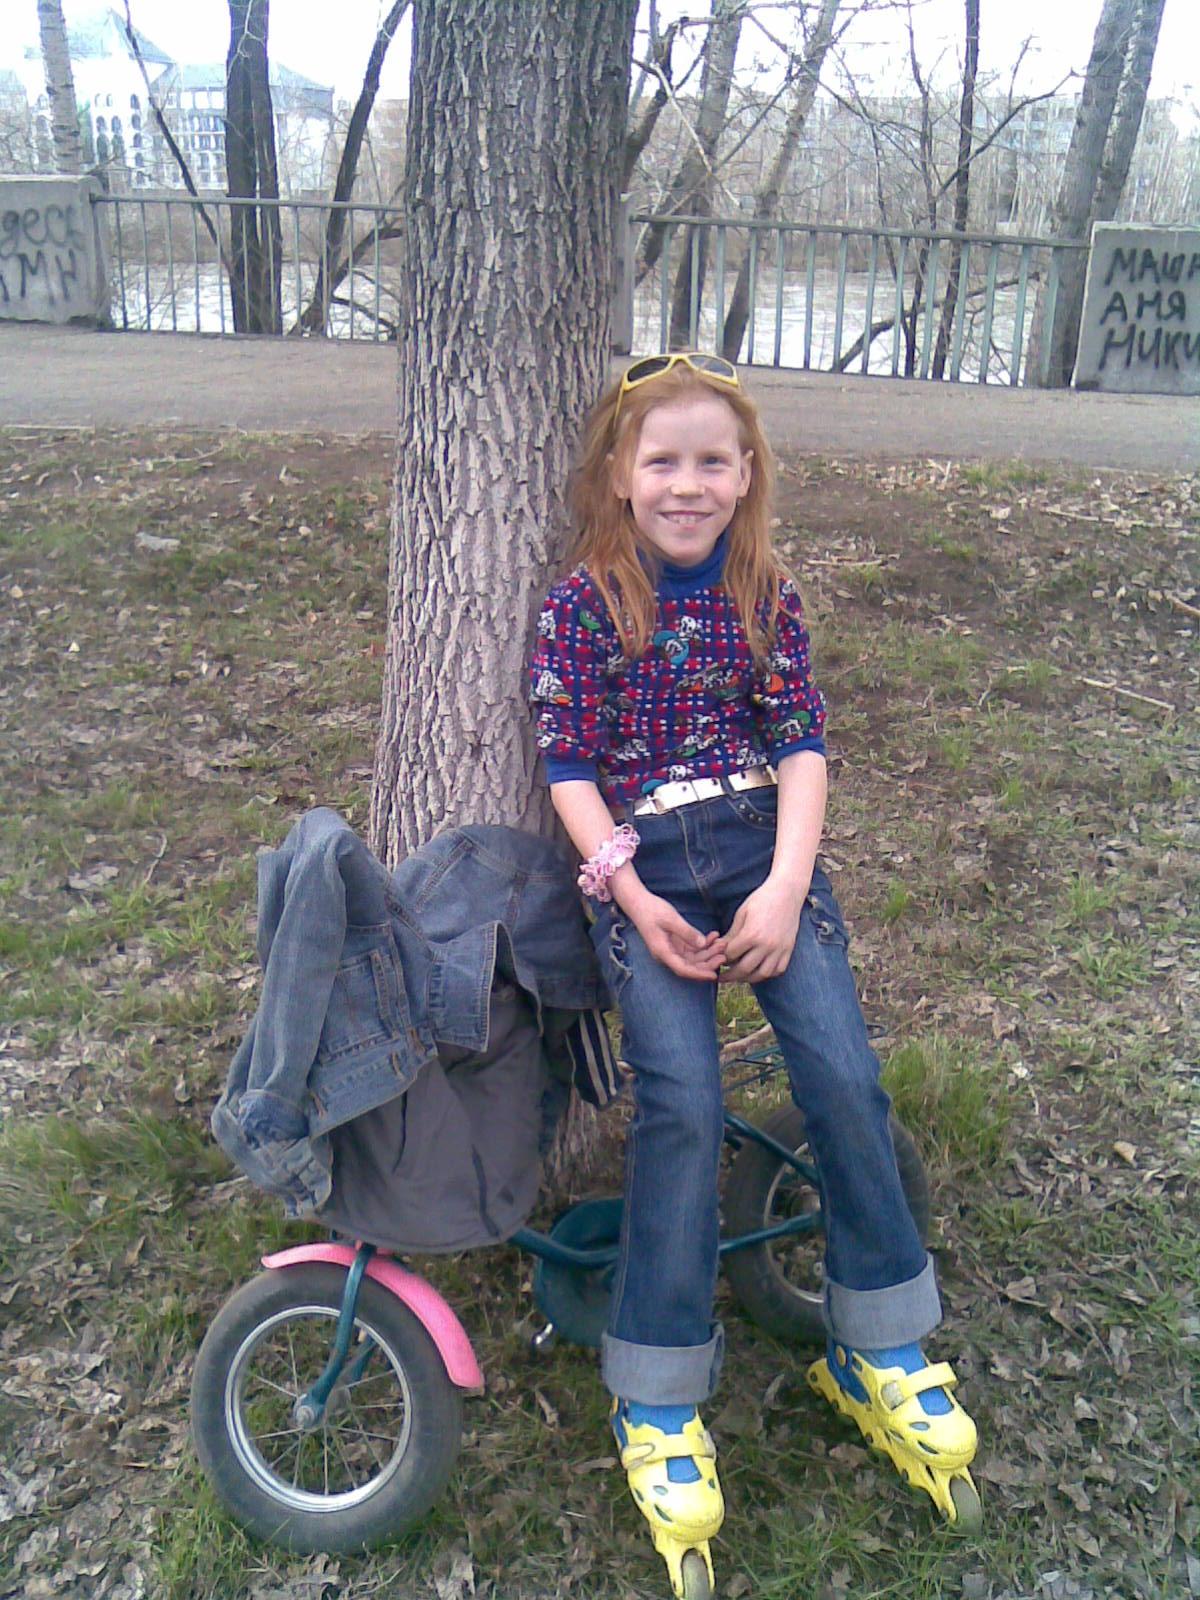 А я умею на роликах и велосипеде одновременно!!!. Укрощение велосипеда